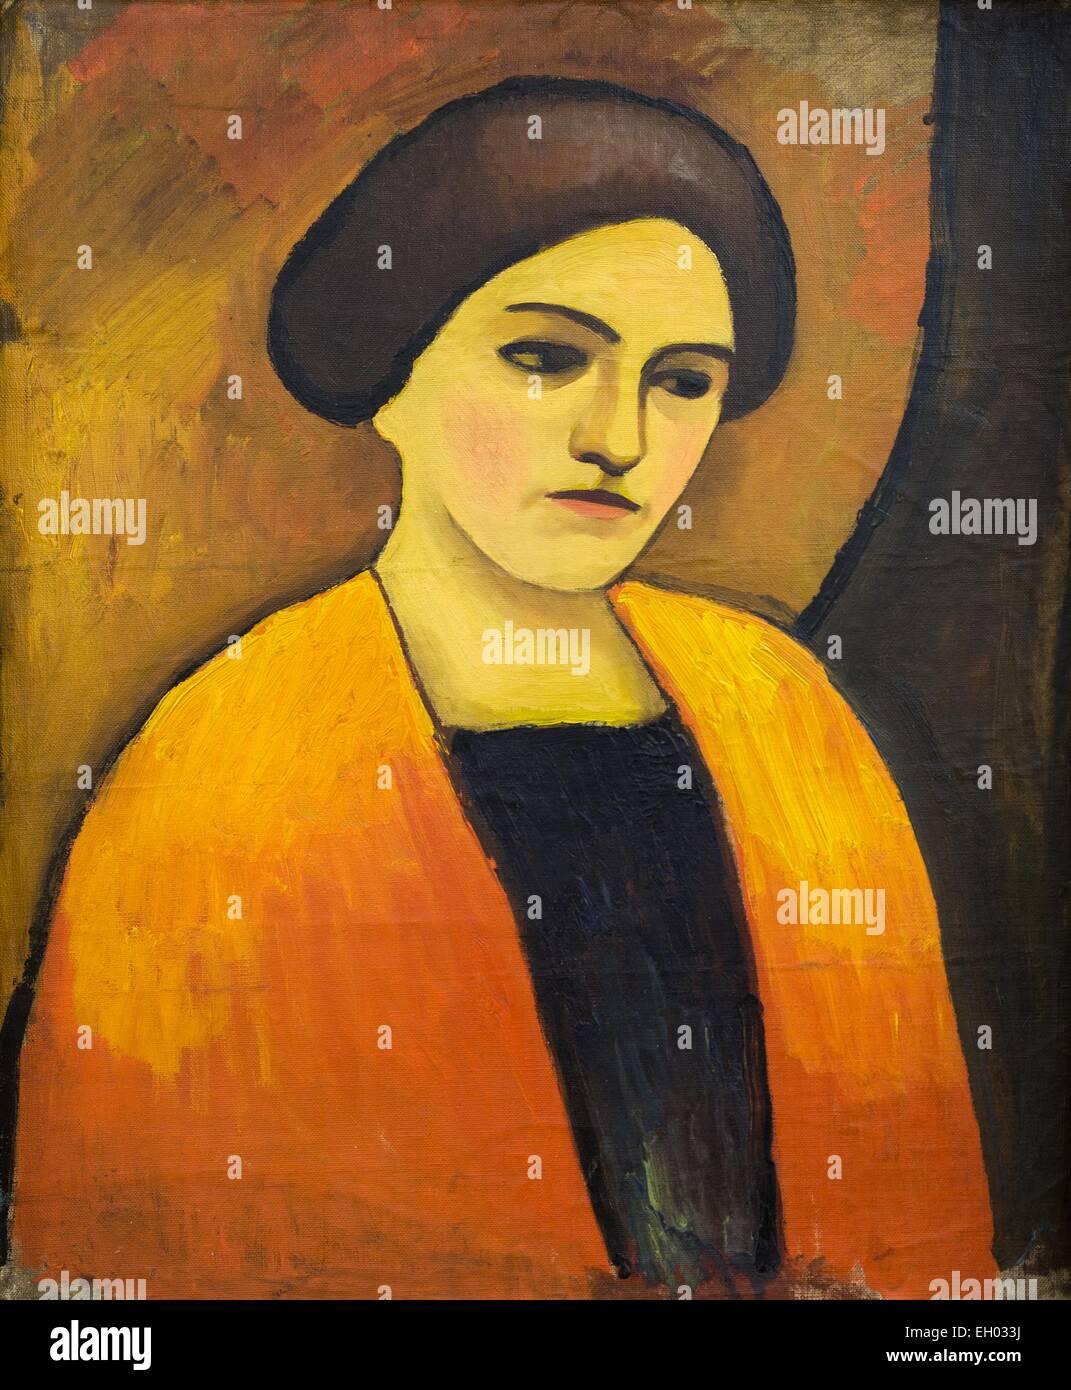 ActiveMuseum_0003172.jpg / Frauenkopf in arancione und Braun - testa di donna di colore arancione e marrone - Olio Immagini Stock